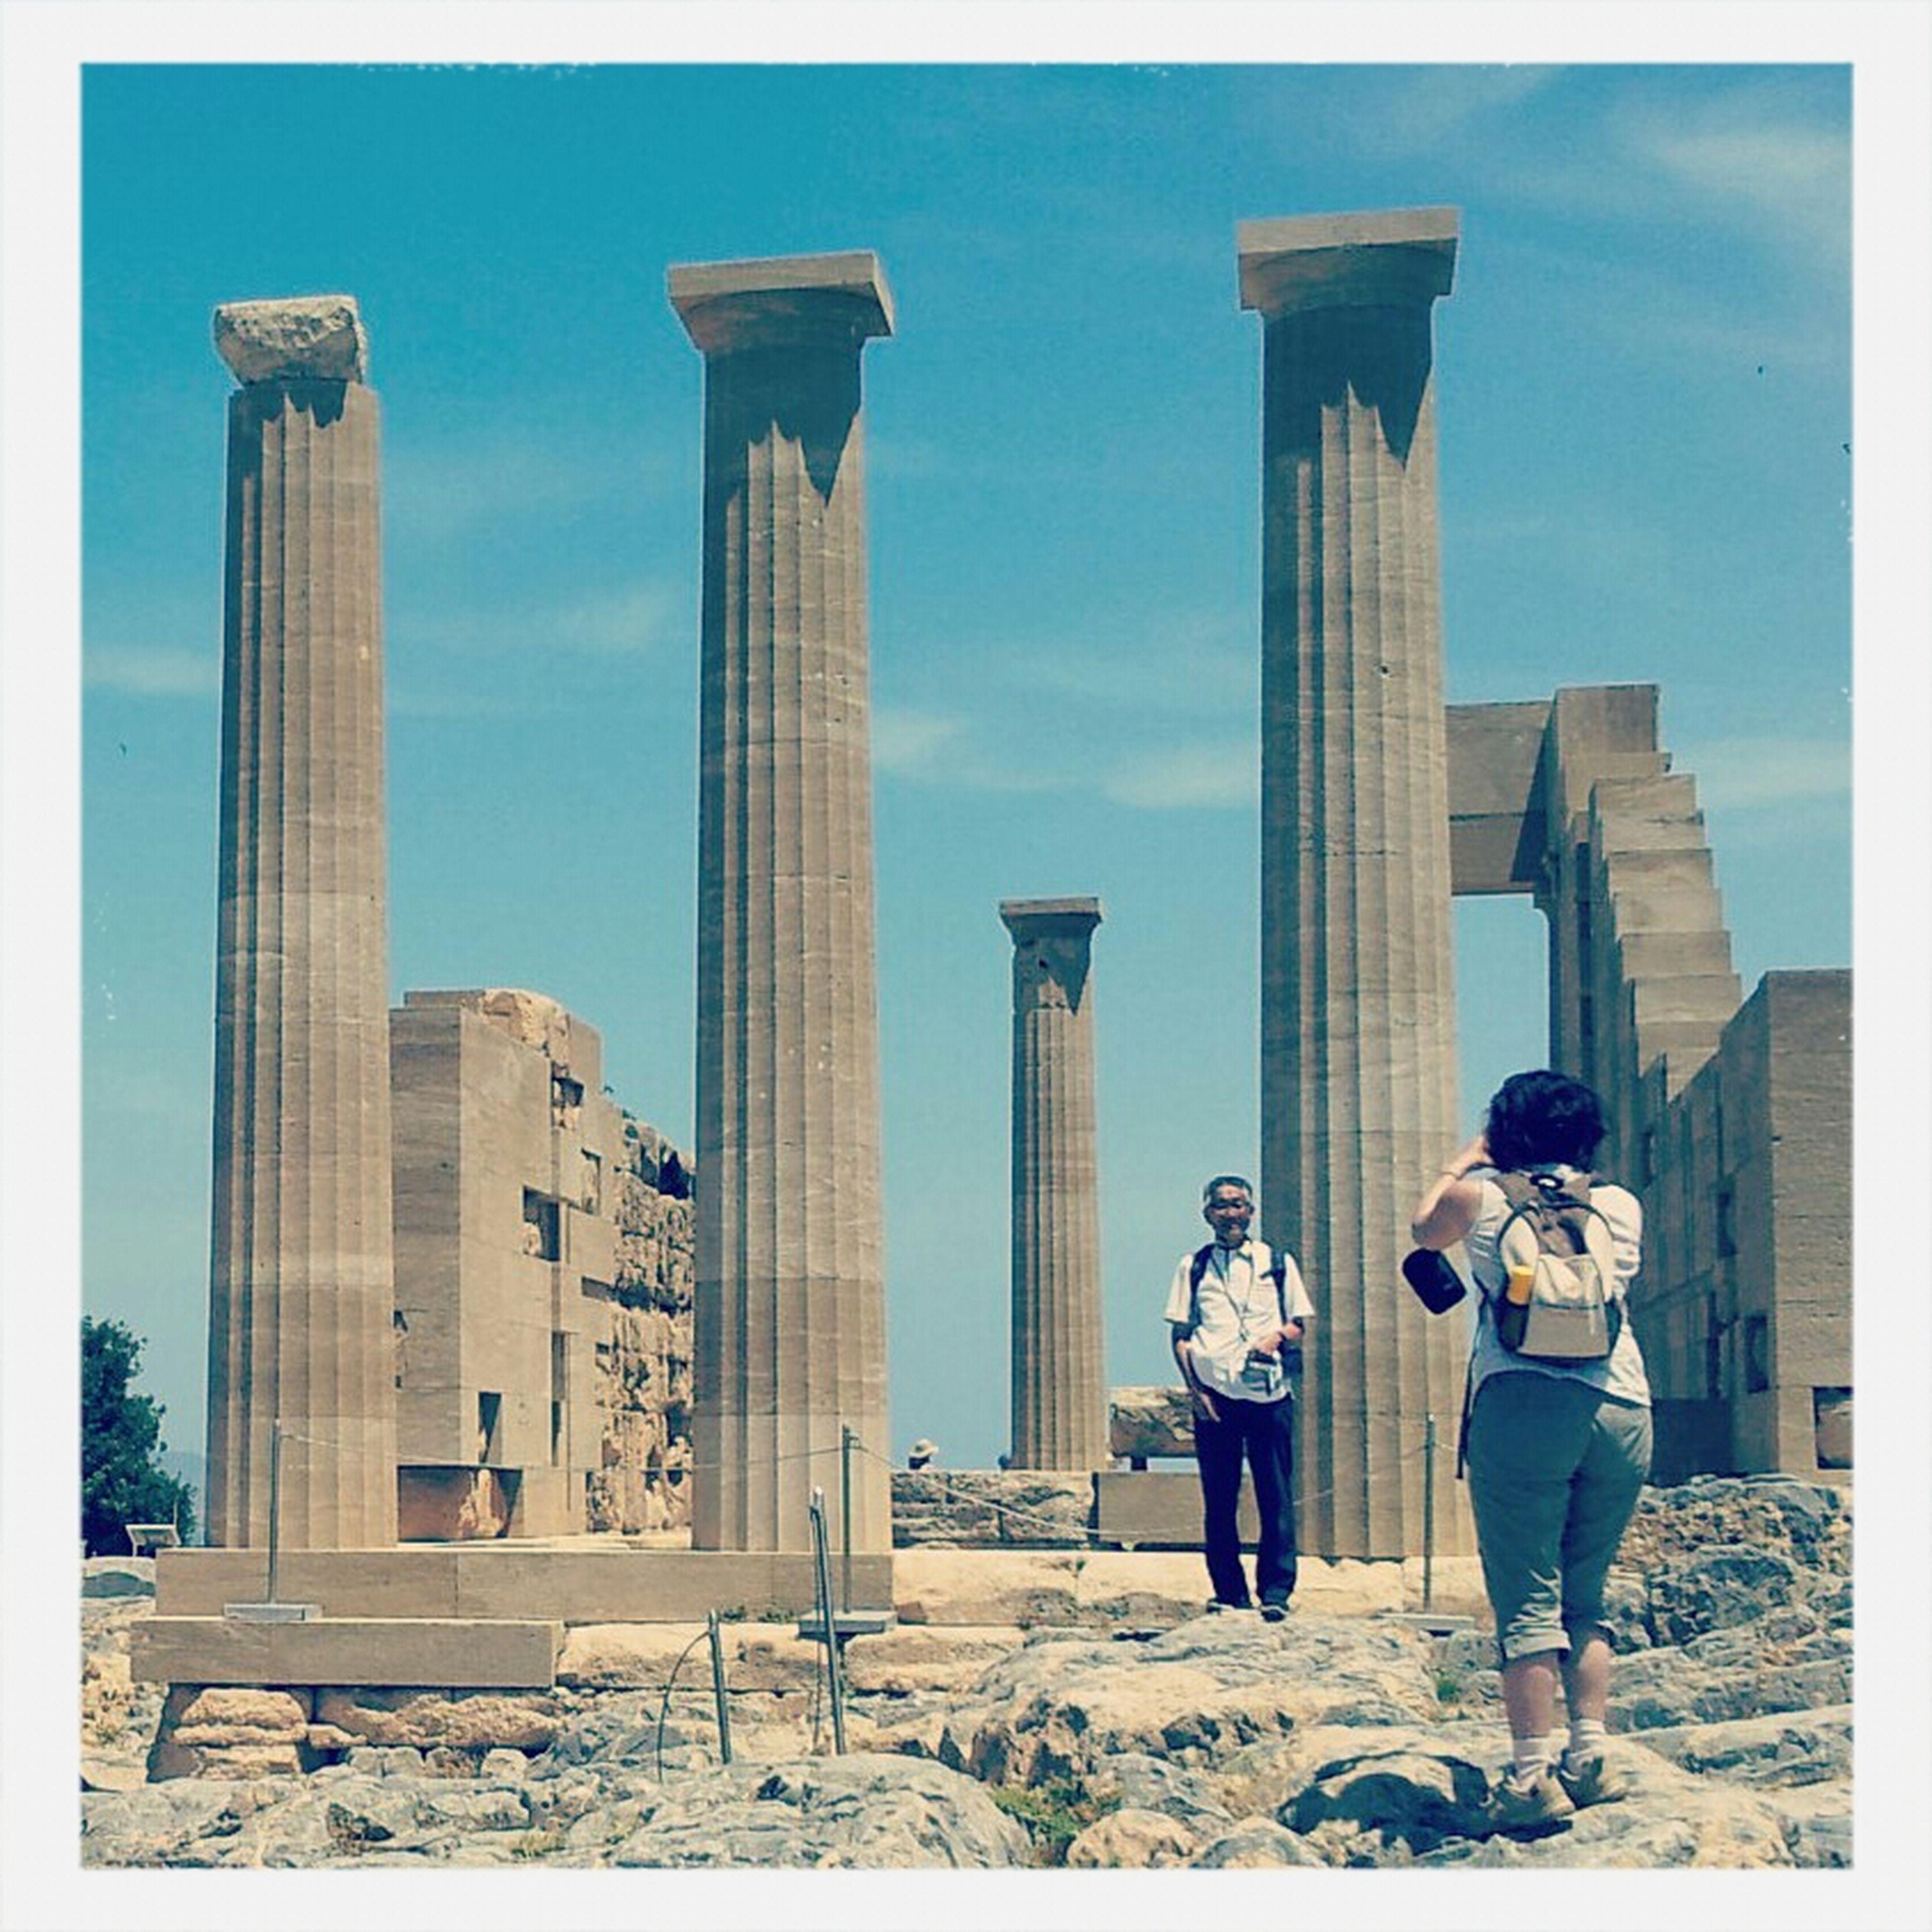 Travel Taking Photos Of People Taking Photos